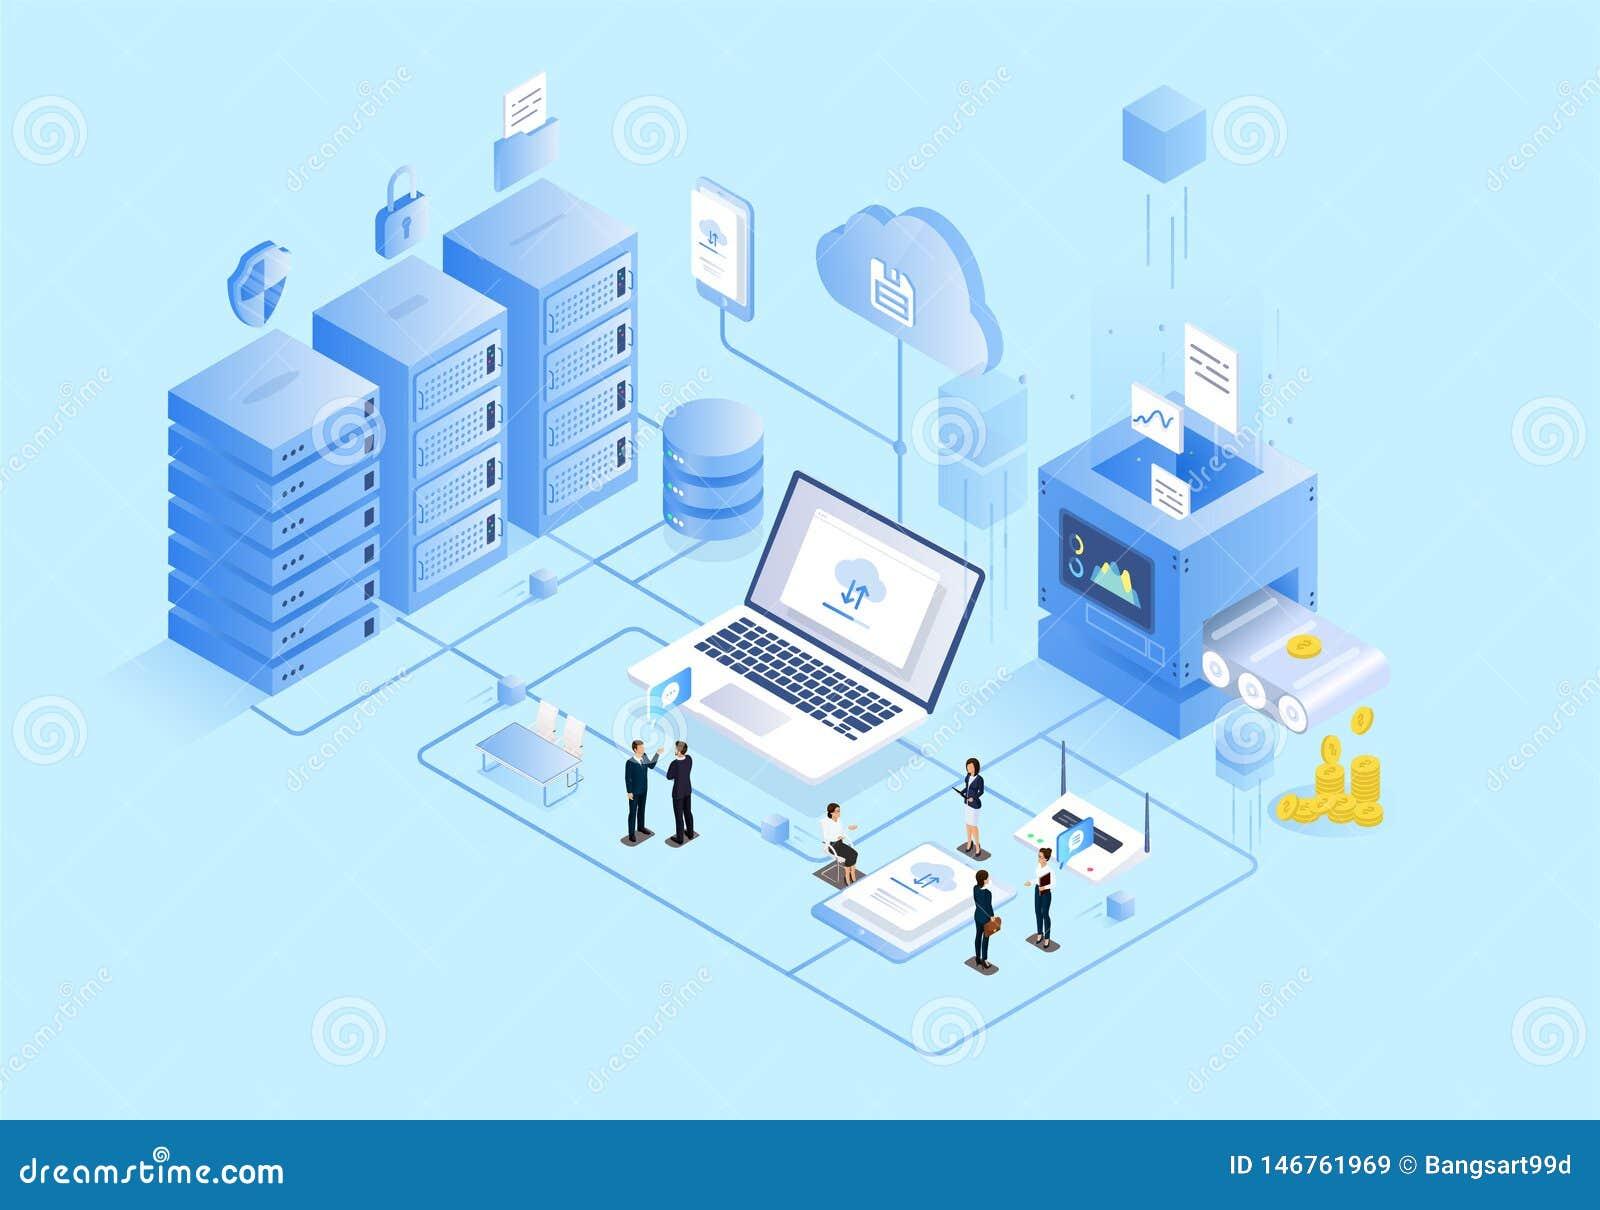 Isometrisk illustration av teamwork för affärskontor